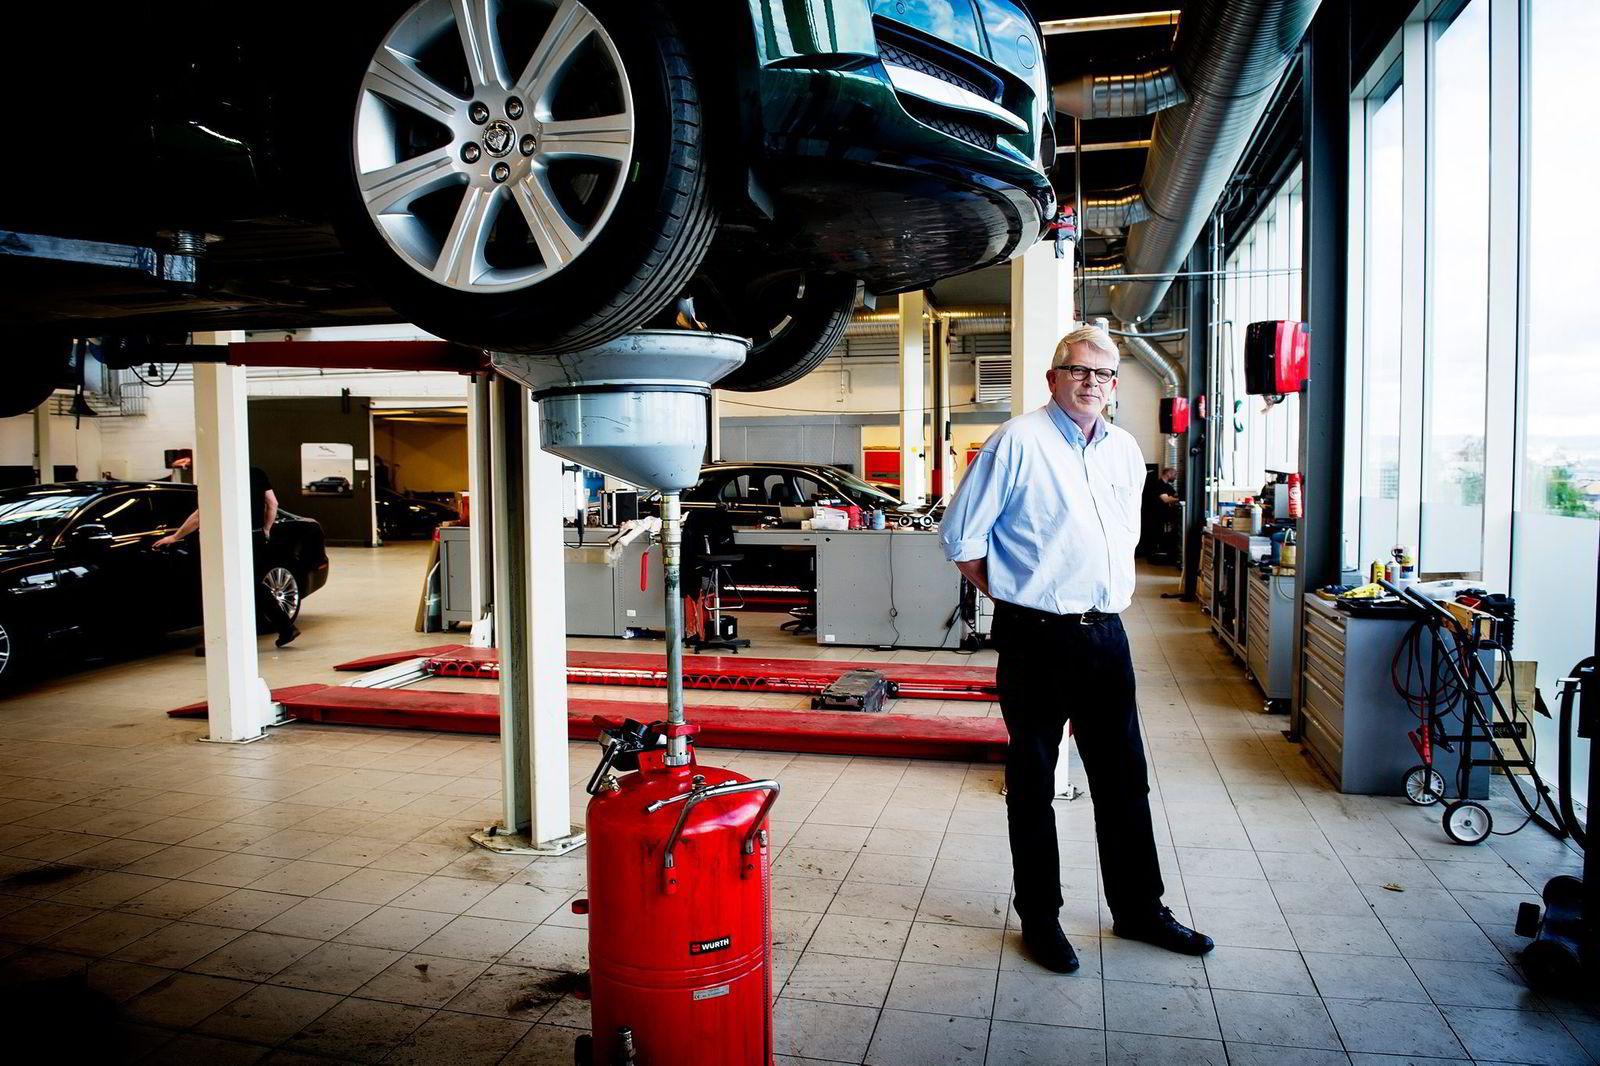 Styreleder Henrik Hagen hos luksusbilforhandler Insignia i Oslo regner med vesentlig økt omsetning slik at 2015 kommer til å se mye bedre ut. Foto: Gorm K. Gaare